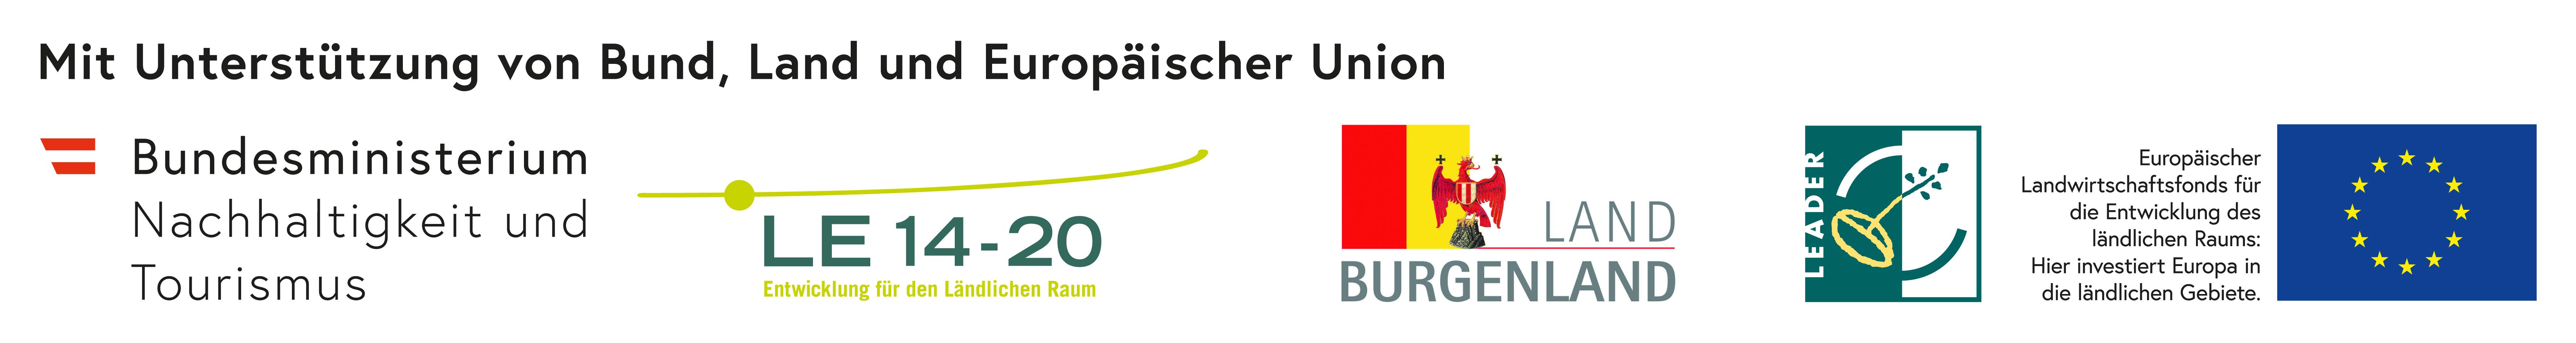 Mit Unterstützung von Bund, Land und Europäischer Uniuon